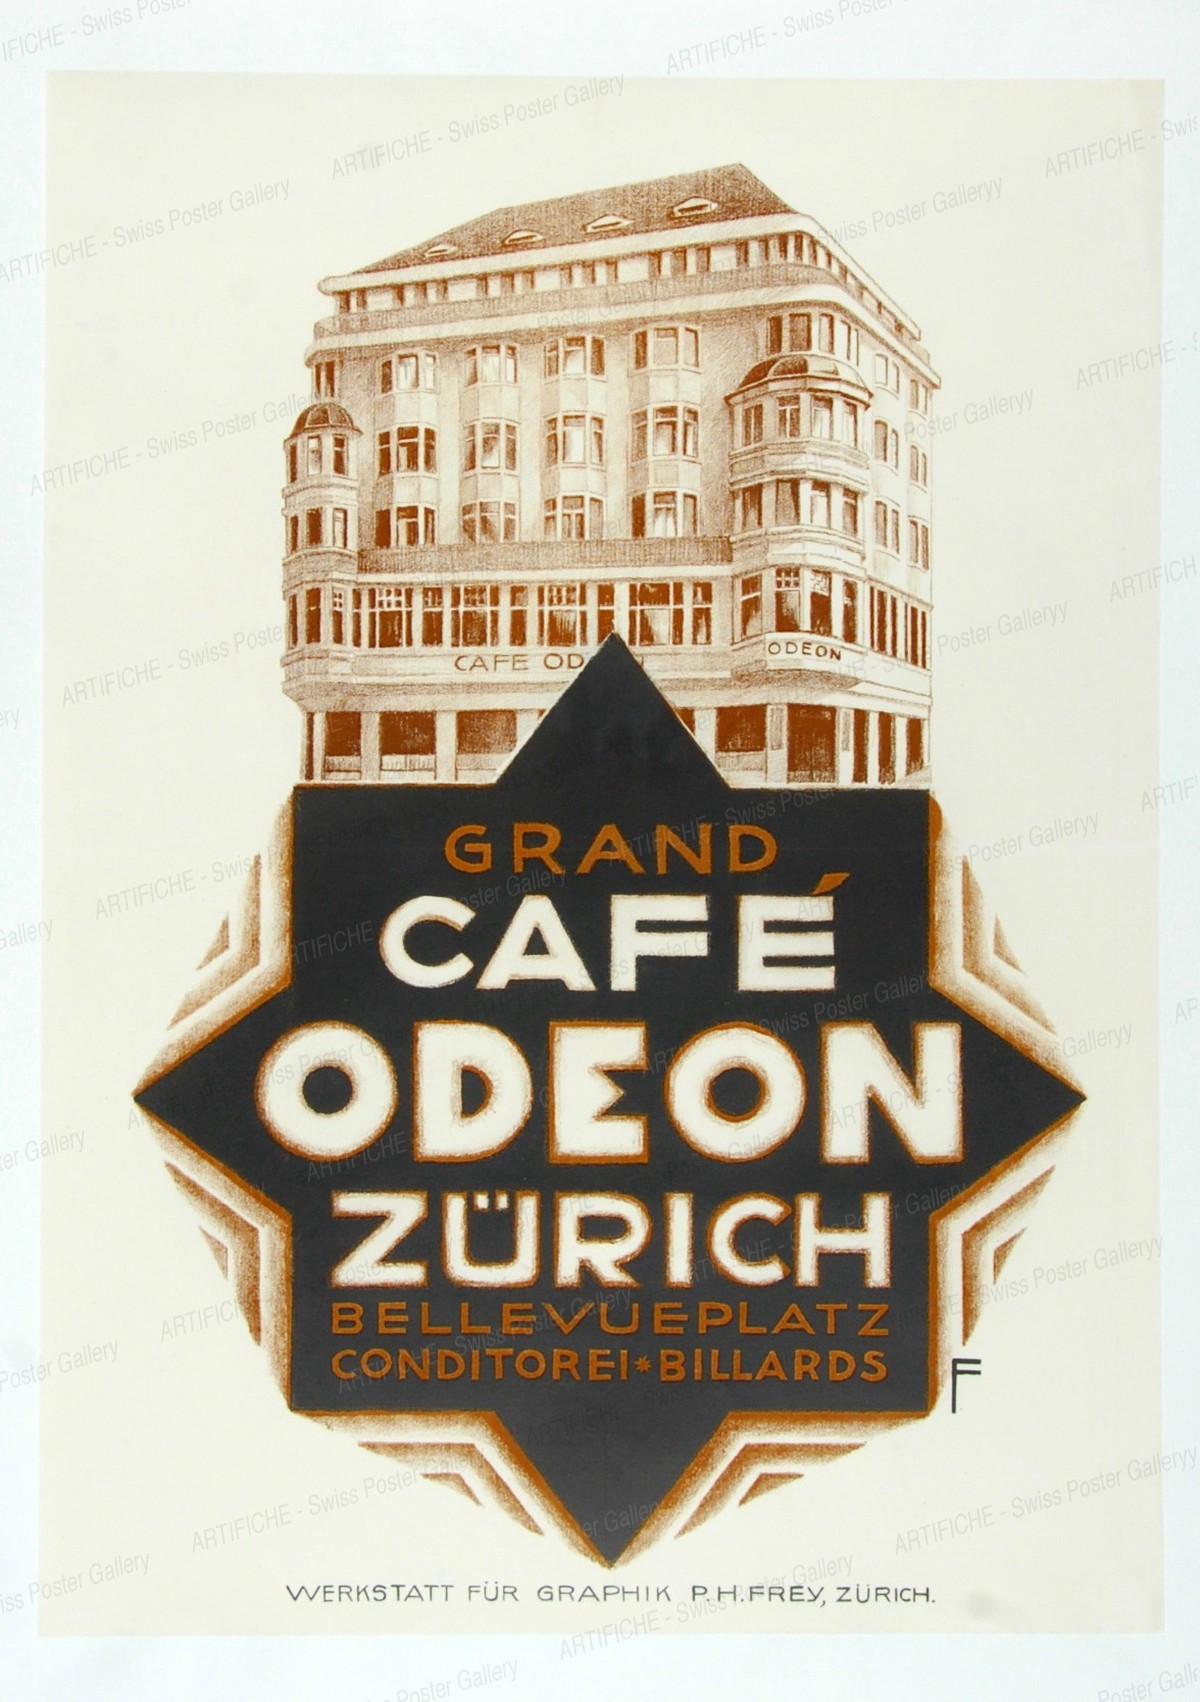 Grand Café ODEON Zürich – Bellevueplatz – Conditorei Billards, Paul H. Frey